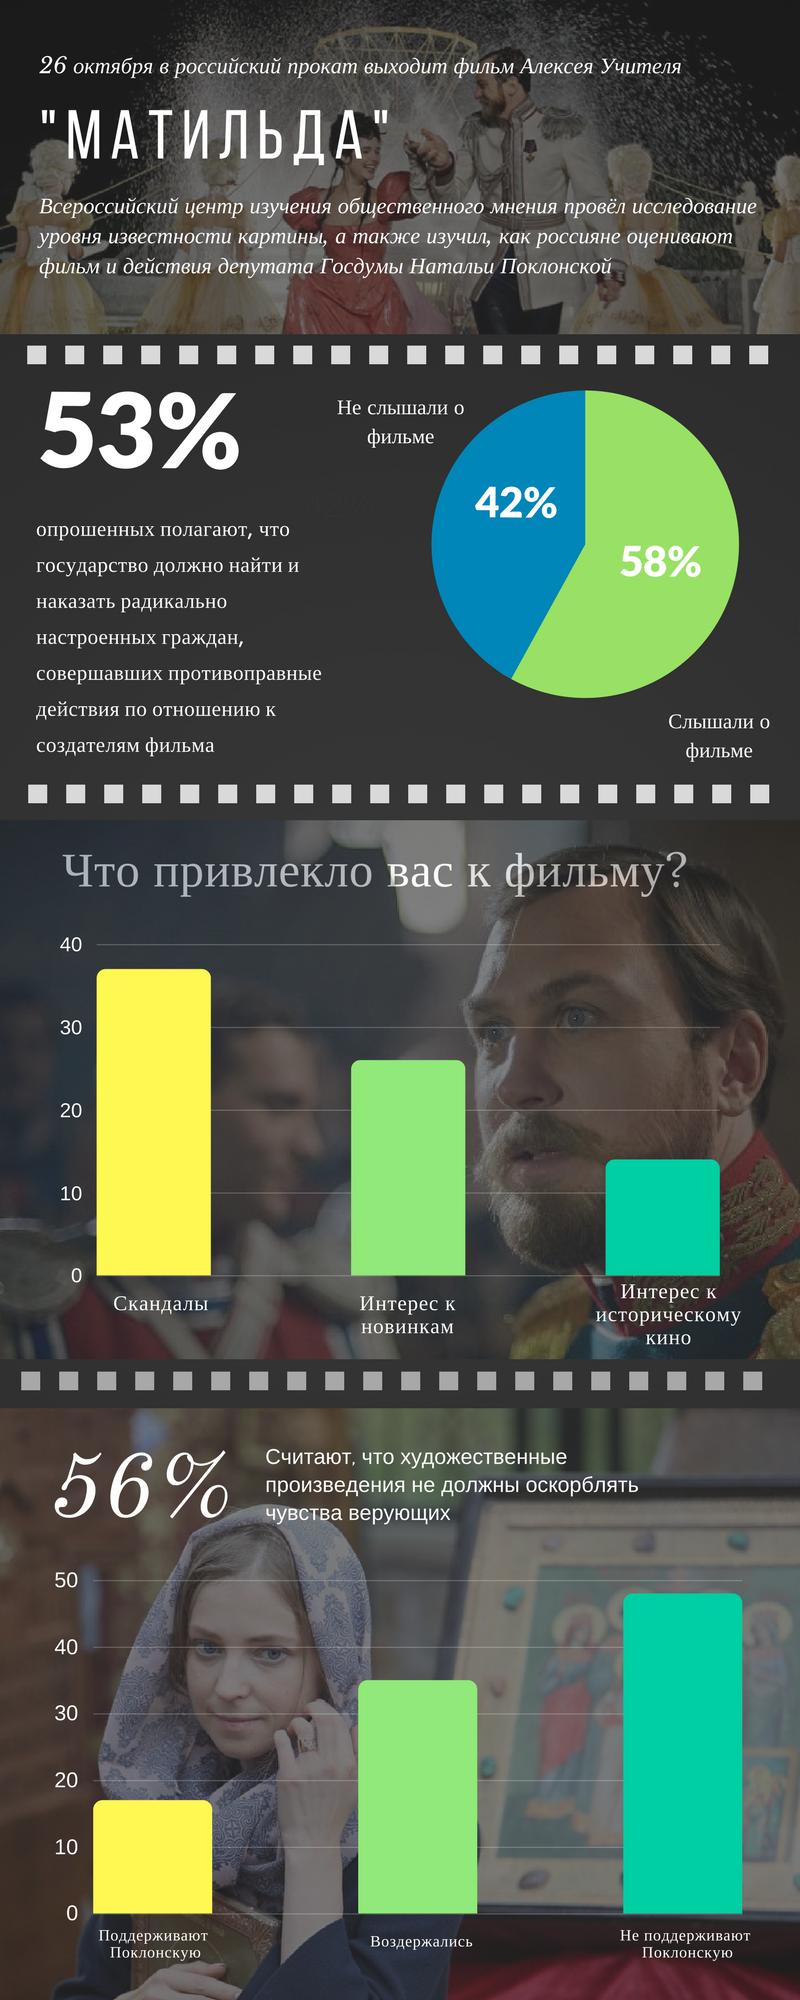 Мнение россиян о «Матильде» в инфографике